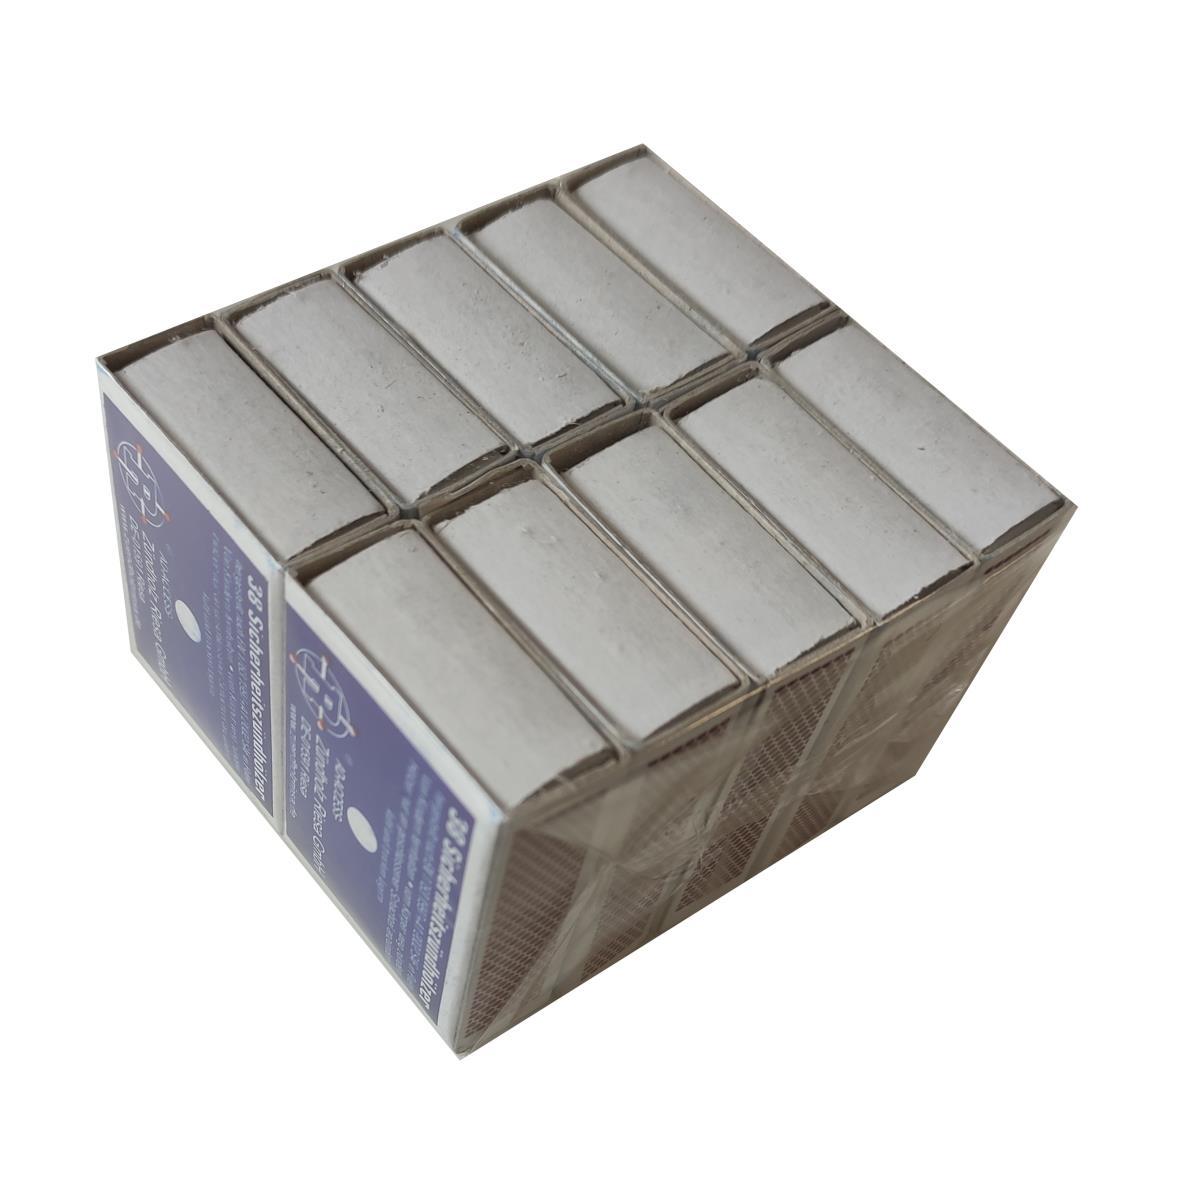 3800 Stück Streichhölzer 100 Schachteln Zündhölzer Zündholzschachtel,KM Zündholz International ,0000082, 0685293813843